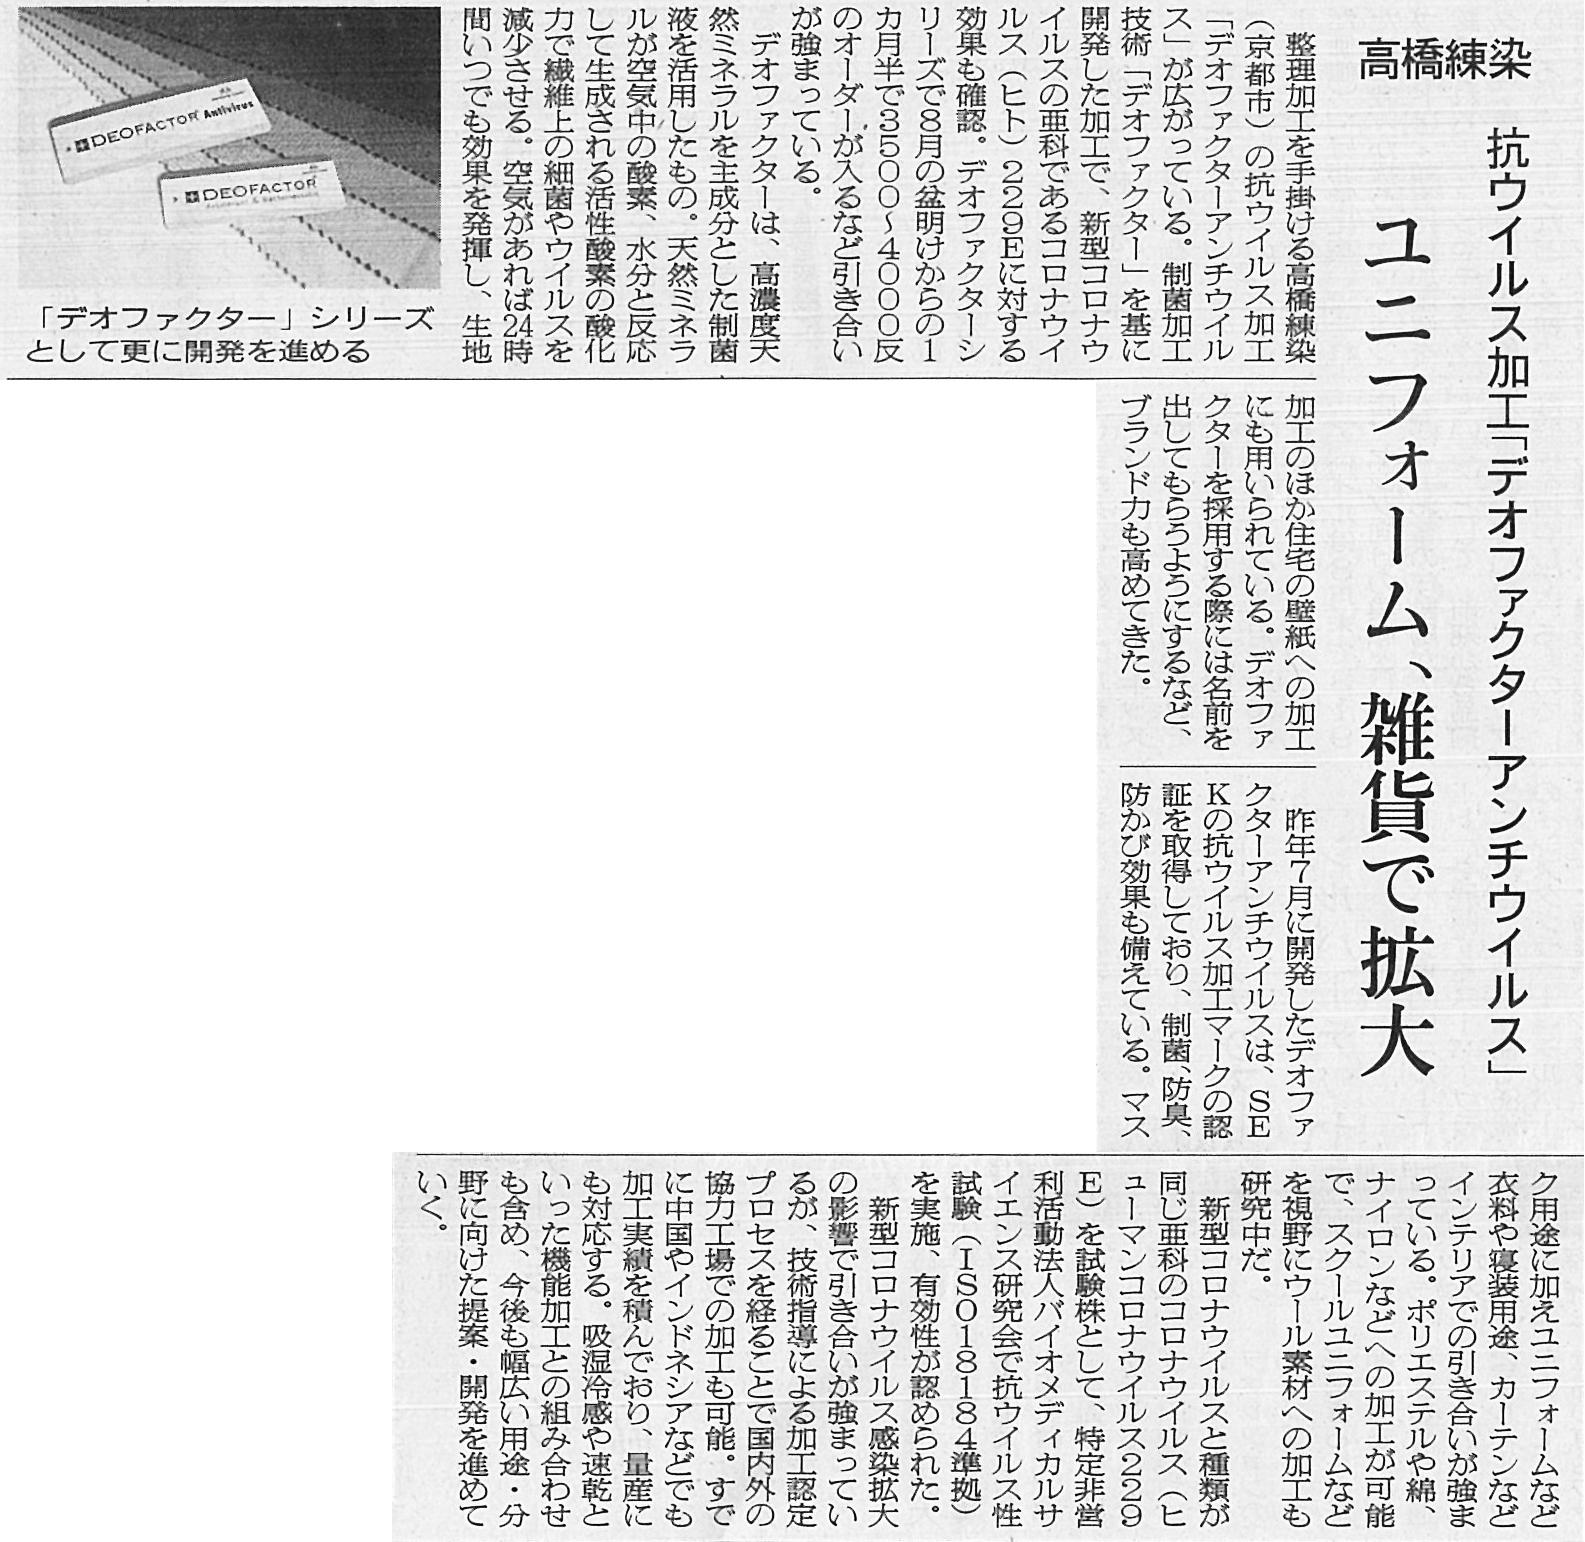 「繊研新聞」2020年10月7日